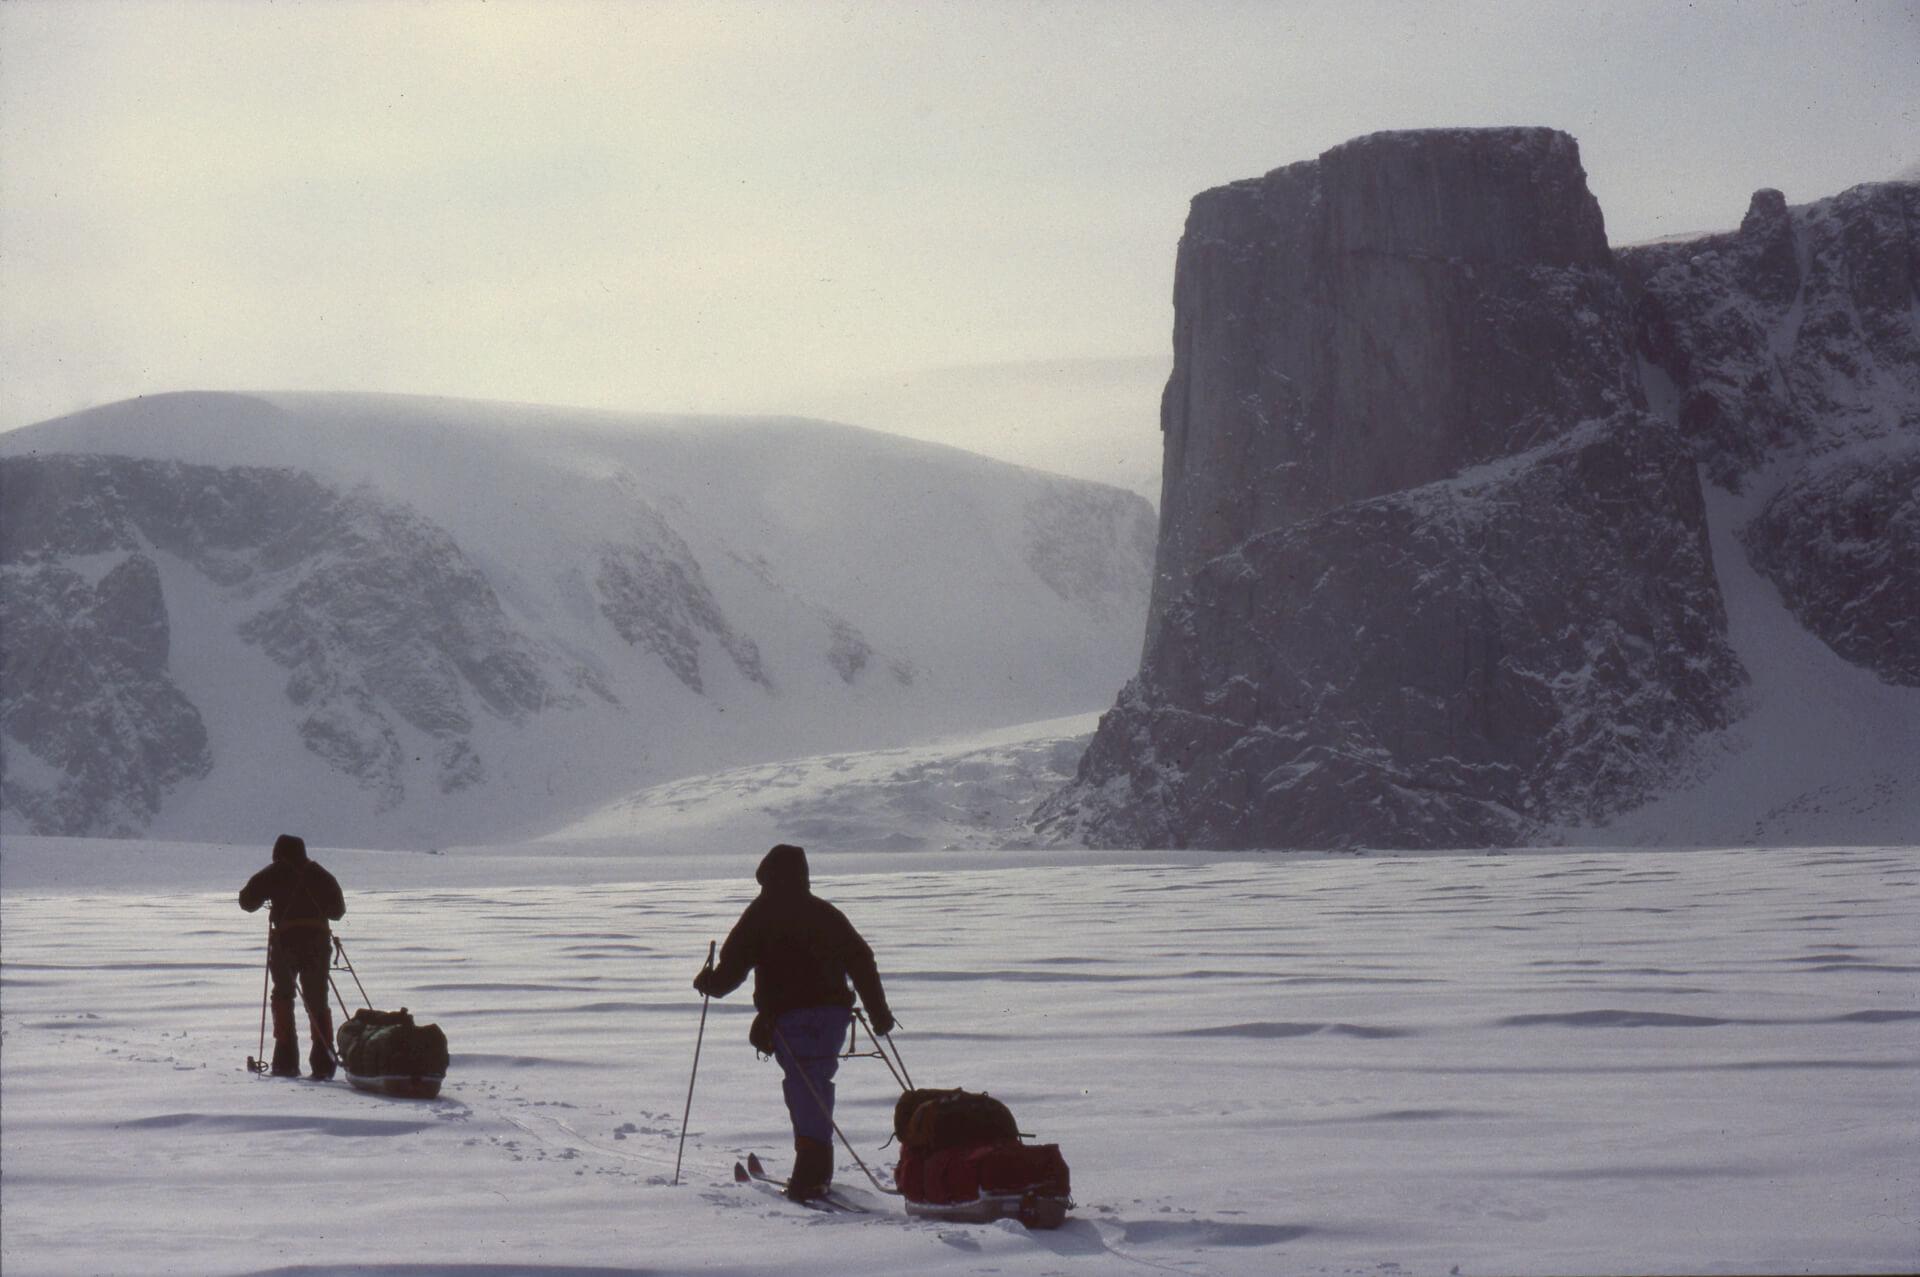 Sur le glacier du Couronnement près de la Tour du Couronnement